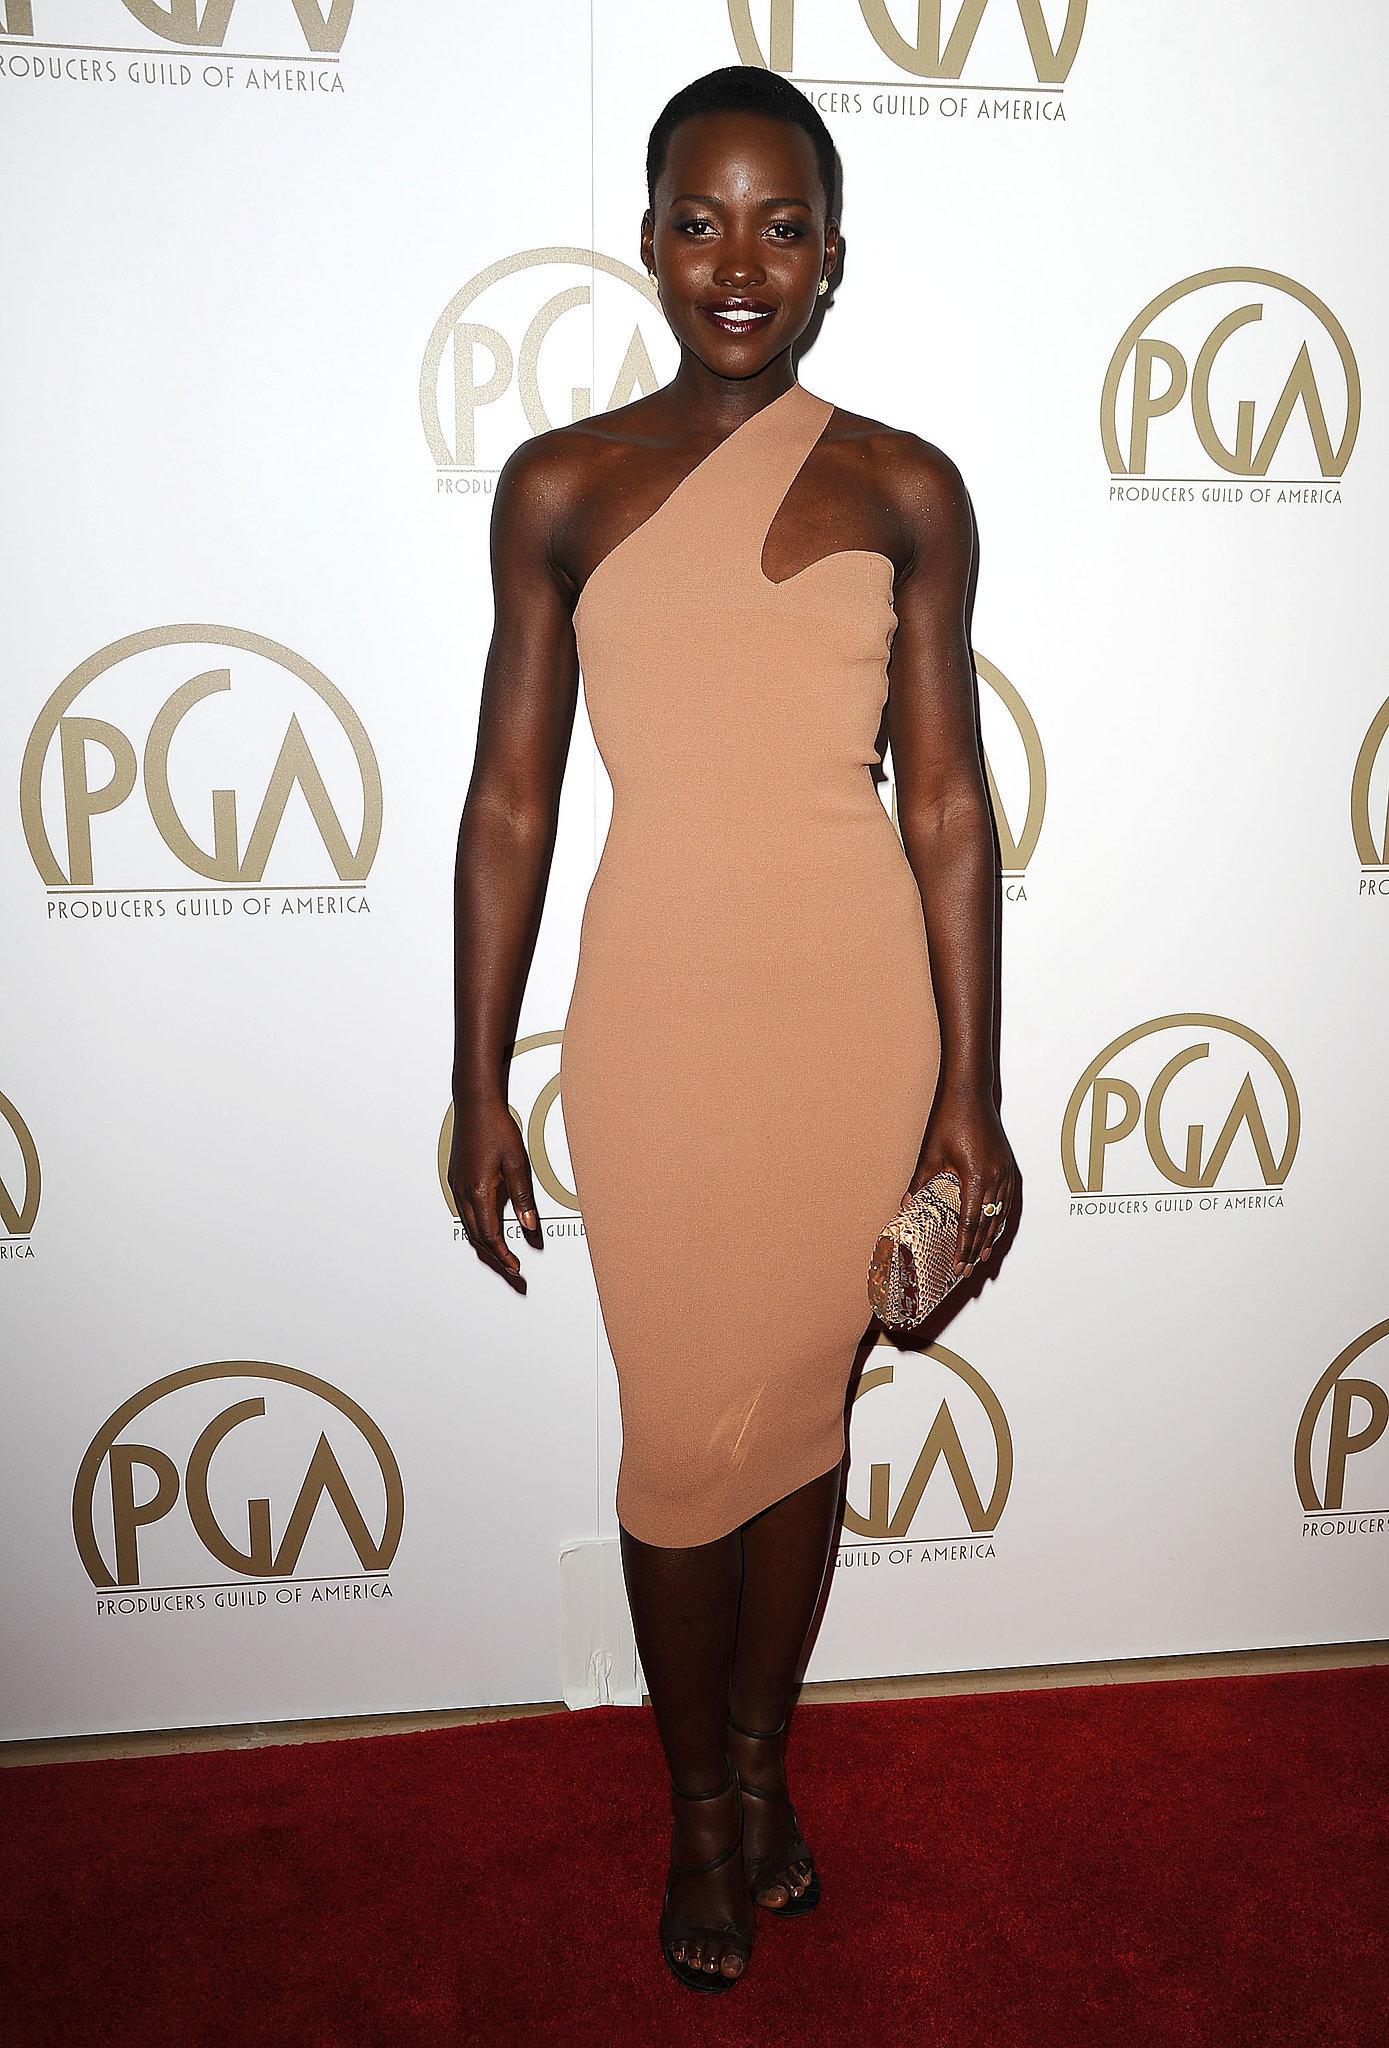 Lupita Nyong'o at the Producers Guild Awards